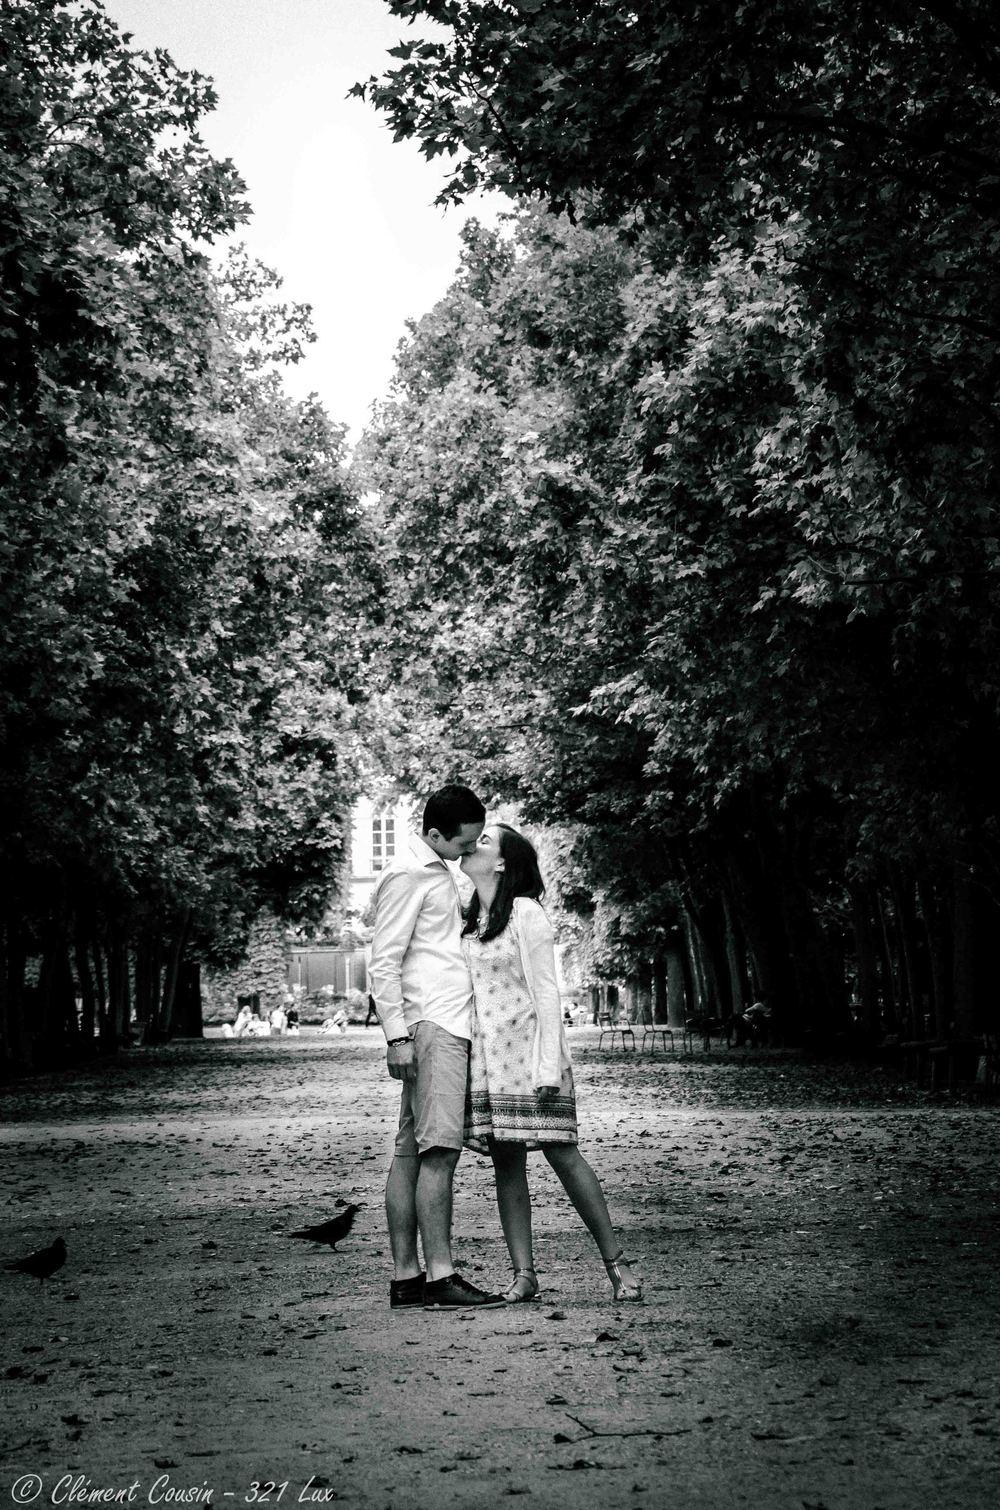 321 Lux-Portrait-Couple-Paris-8.jpg